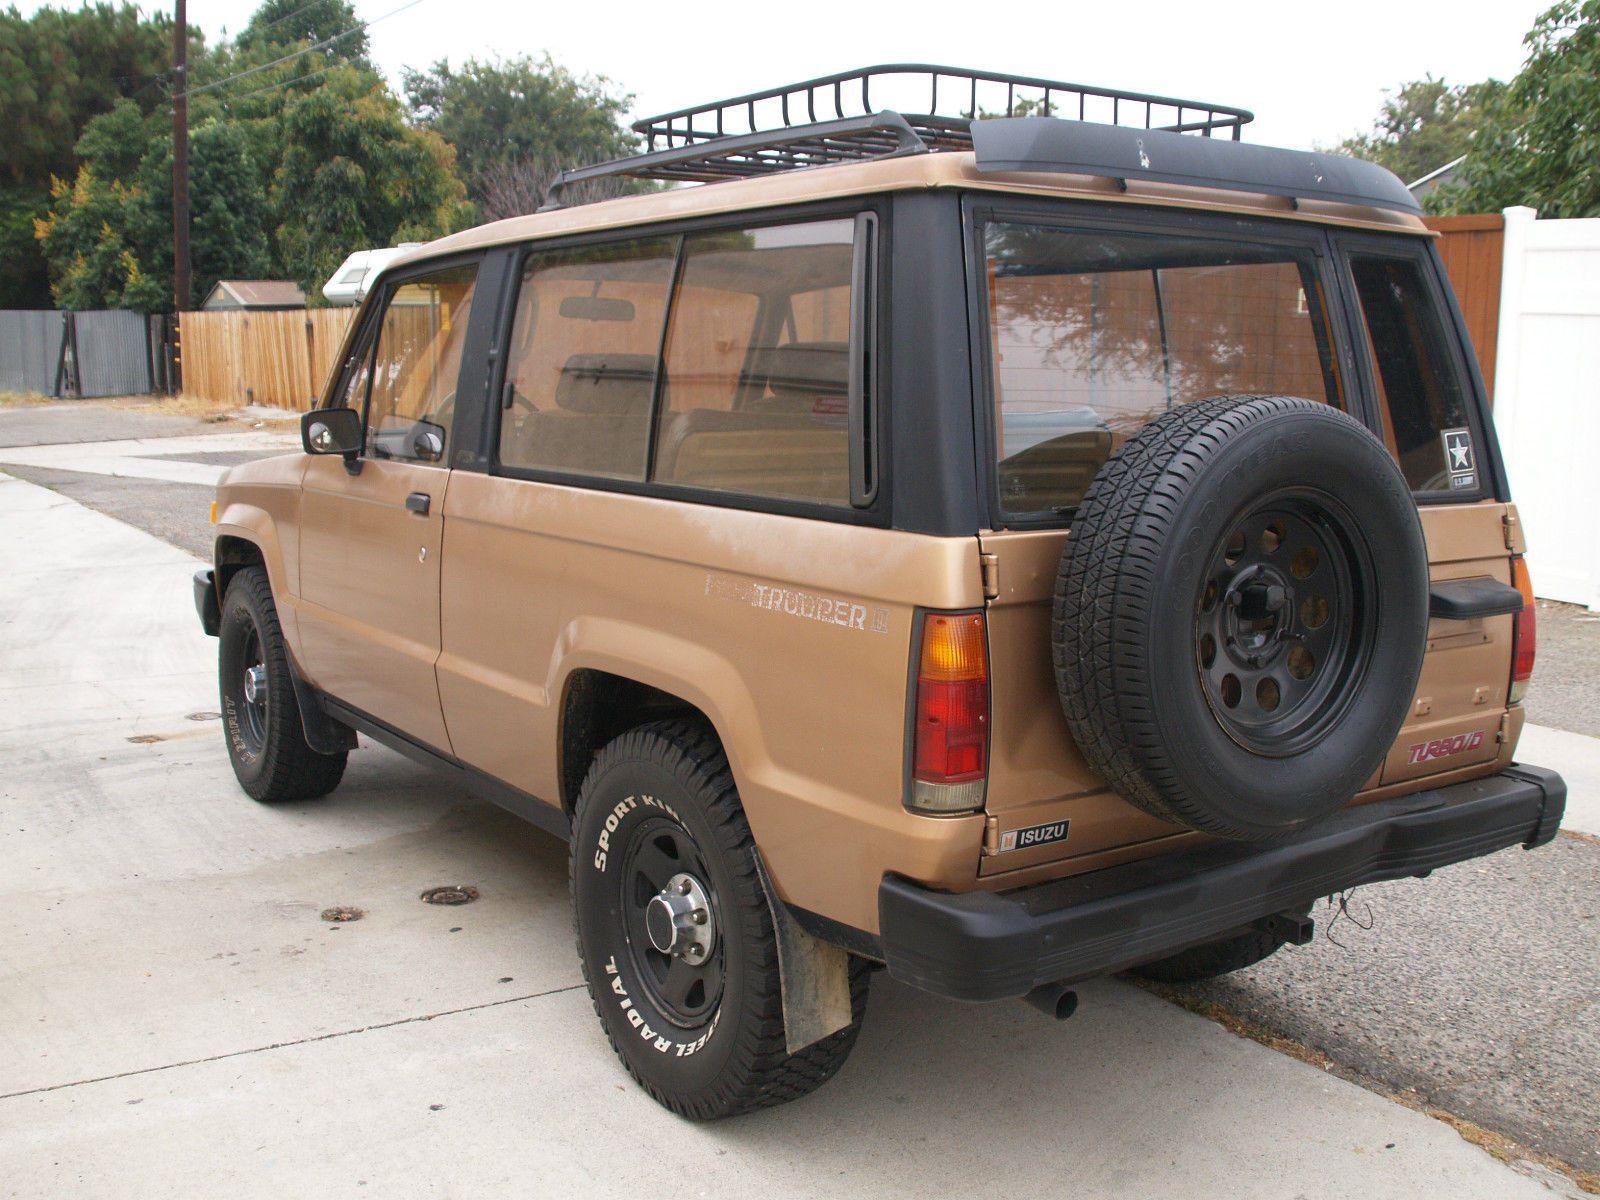 1986 Isuzu Trooper Dlx Turbo Diesel 4x4 2 Door Manual Transmission Turbo Trooper 4x4 Turbo